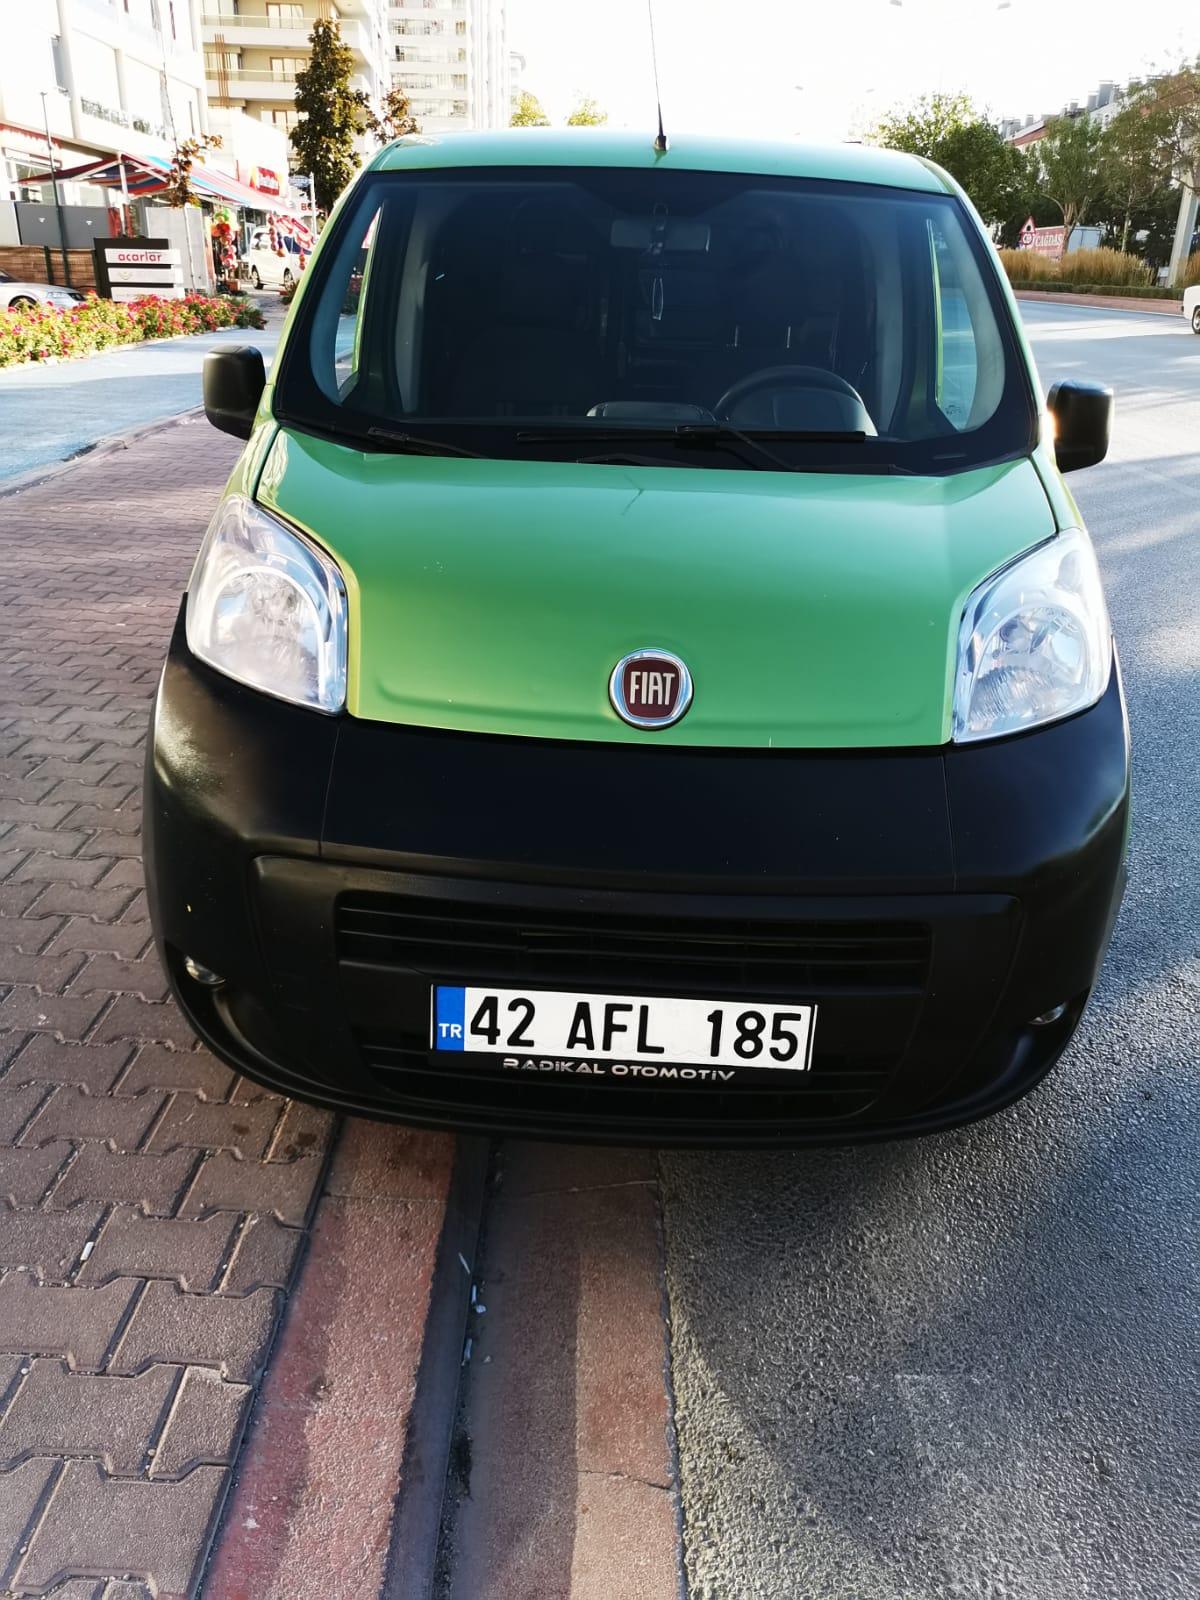 TOFAŞ/FIAT FİORİNO 1.3 MULTİJET CARGO